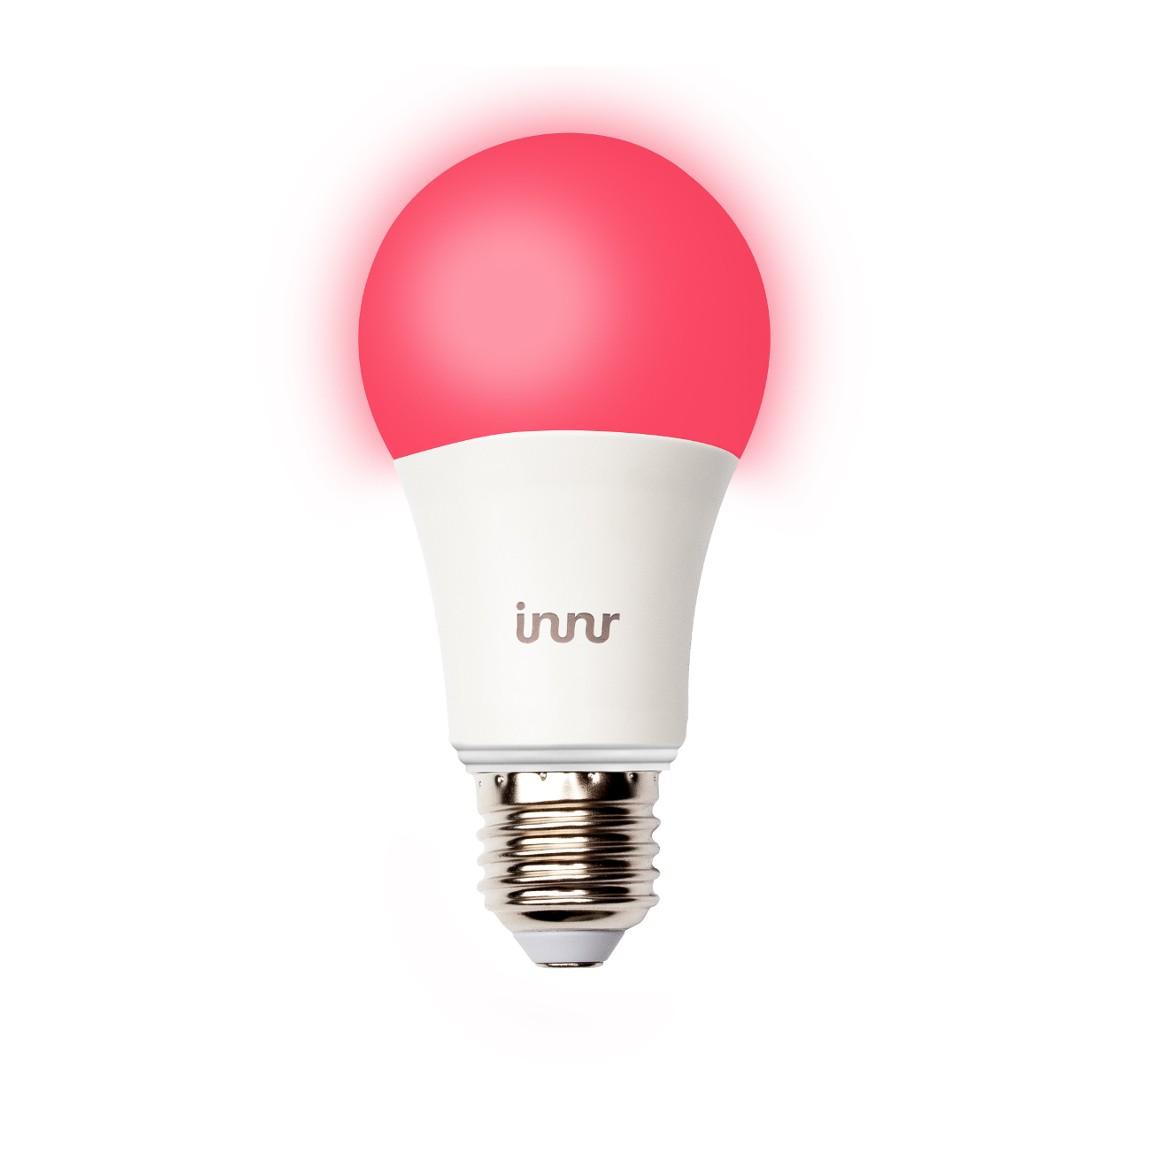 Innr Bulb RB 185 C - RGBW-LED-Lampe - Weiß